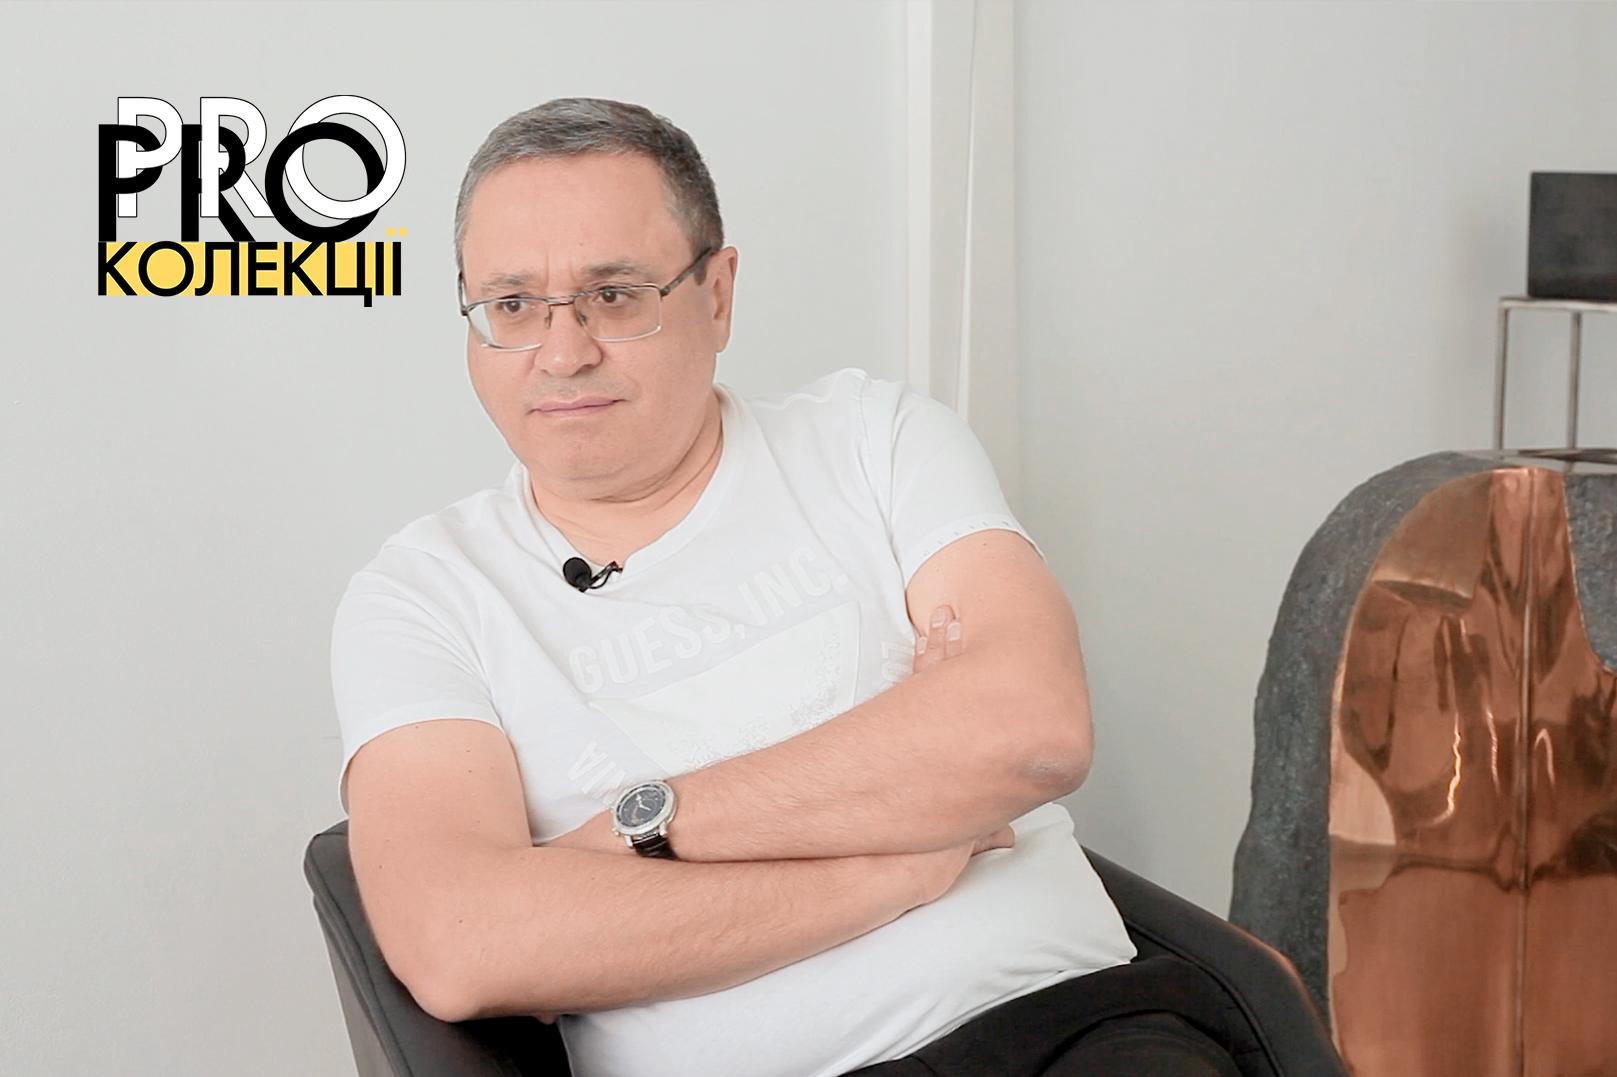 Інтерв'ю з Андрієм Адамовським // Дослідницький проєкт ЦСМ М17 «PROколекції»